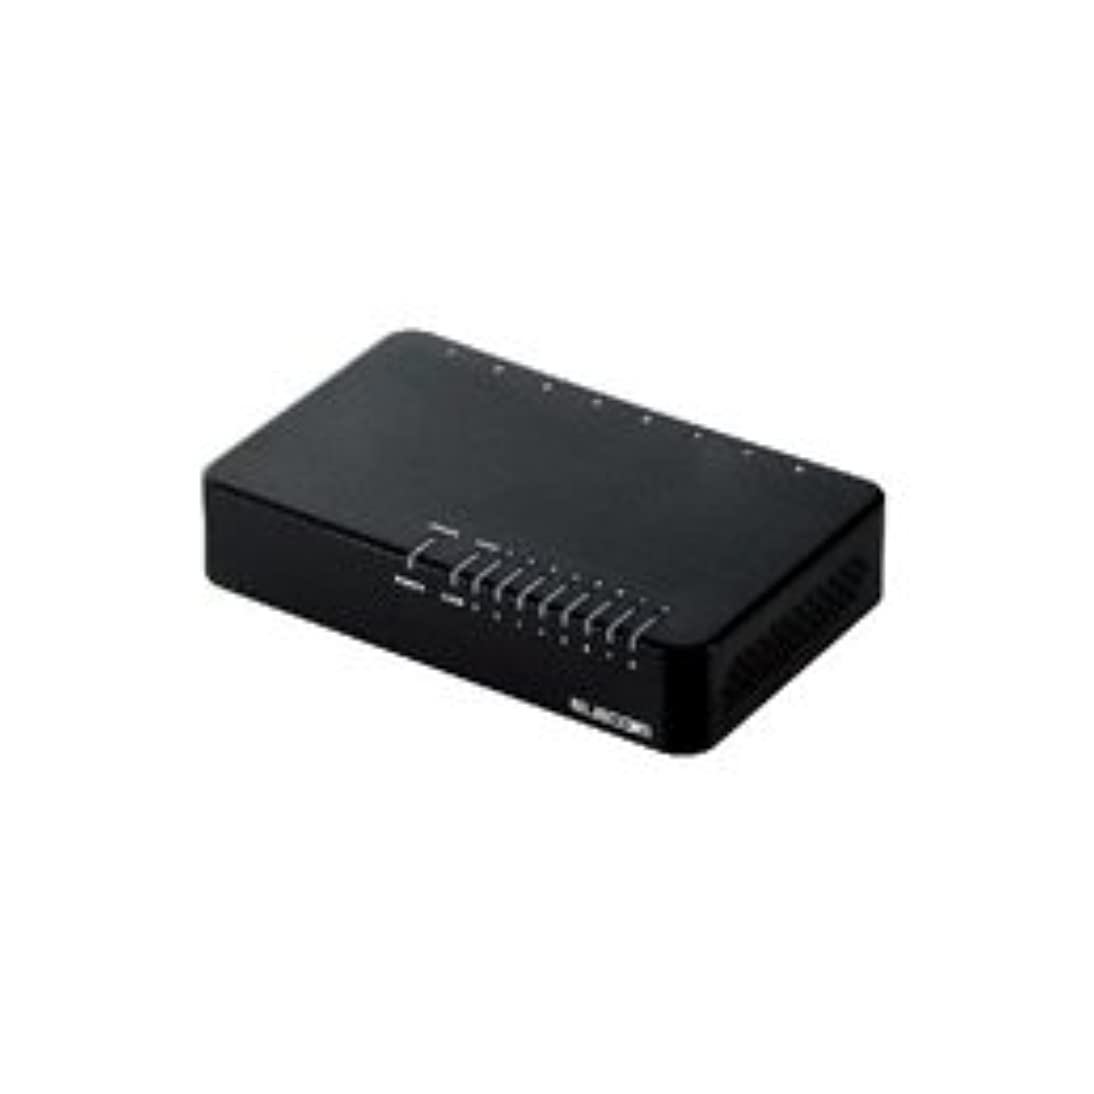 削るウェイトレス事業内容(21個まとめ売り) エレコム 100BASE-TX対応スイッチングハブ EHC-F08PA-B